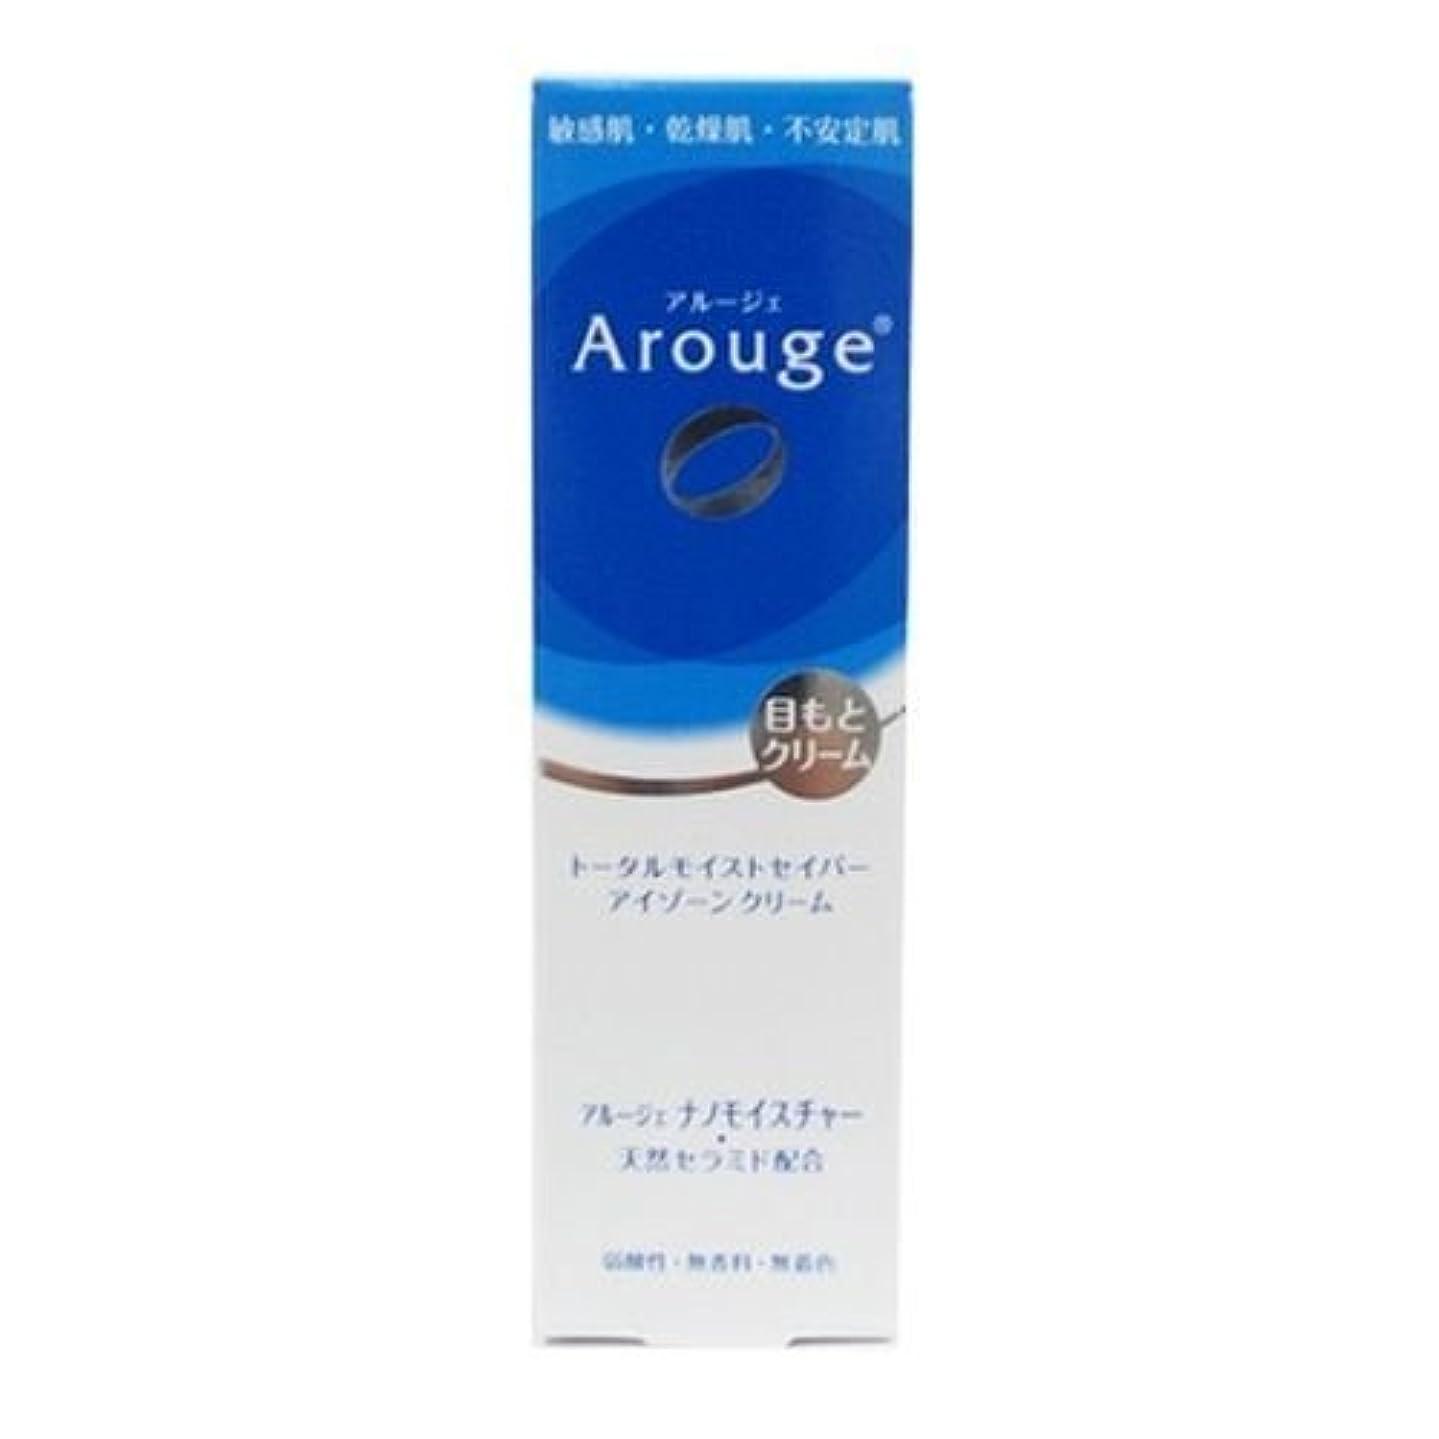 実験的輝く引用アルージェ(Arouge)トータルモイストセイバー アイゾーンクリーム 15g